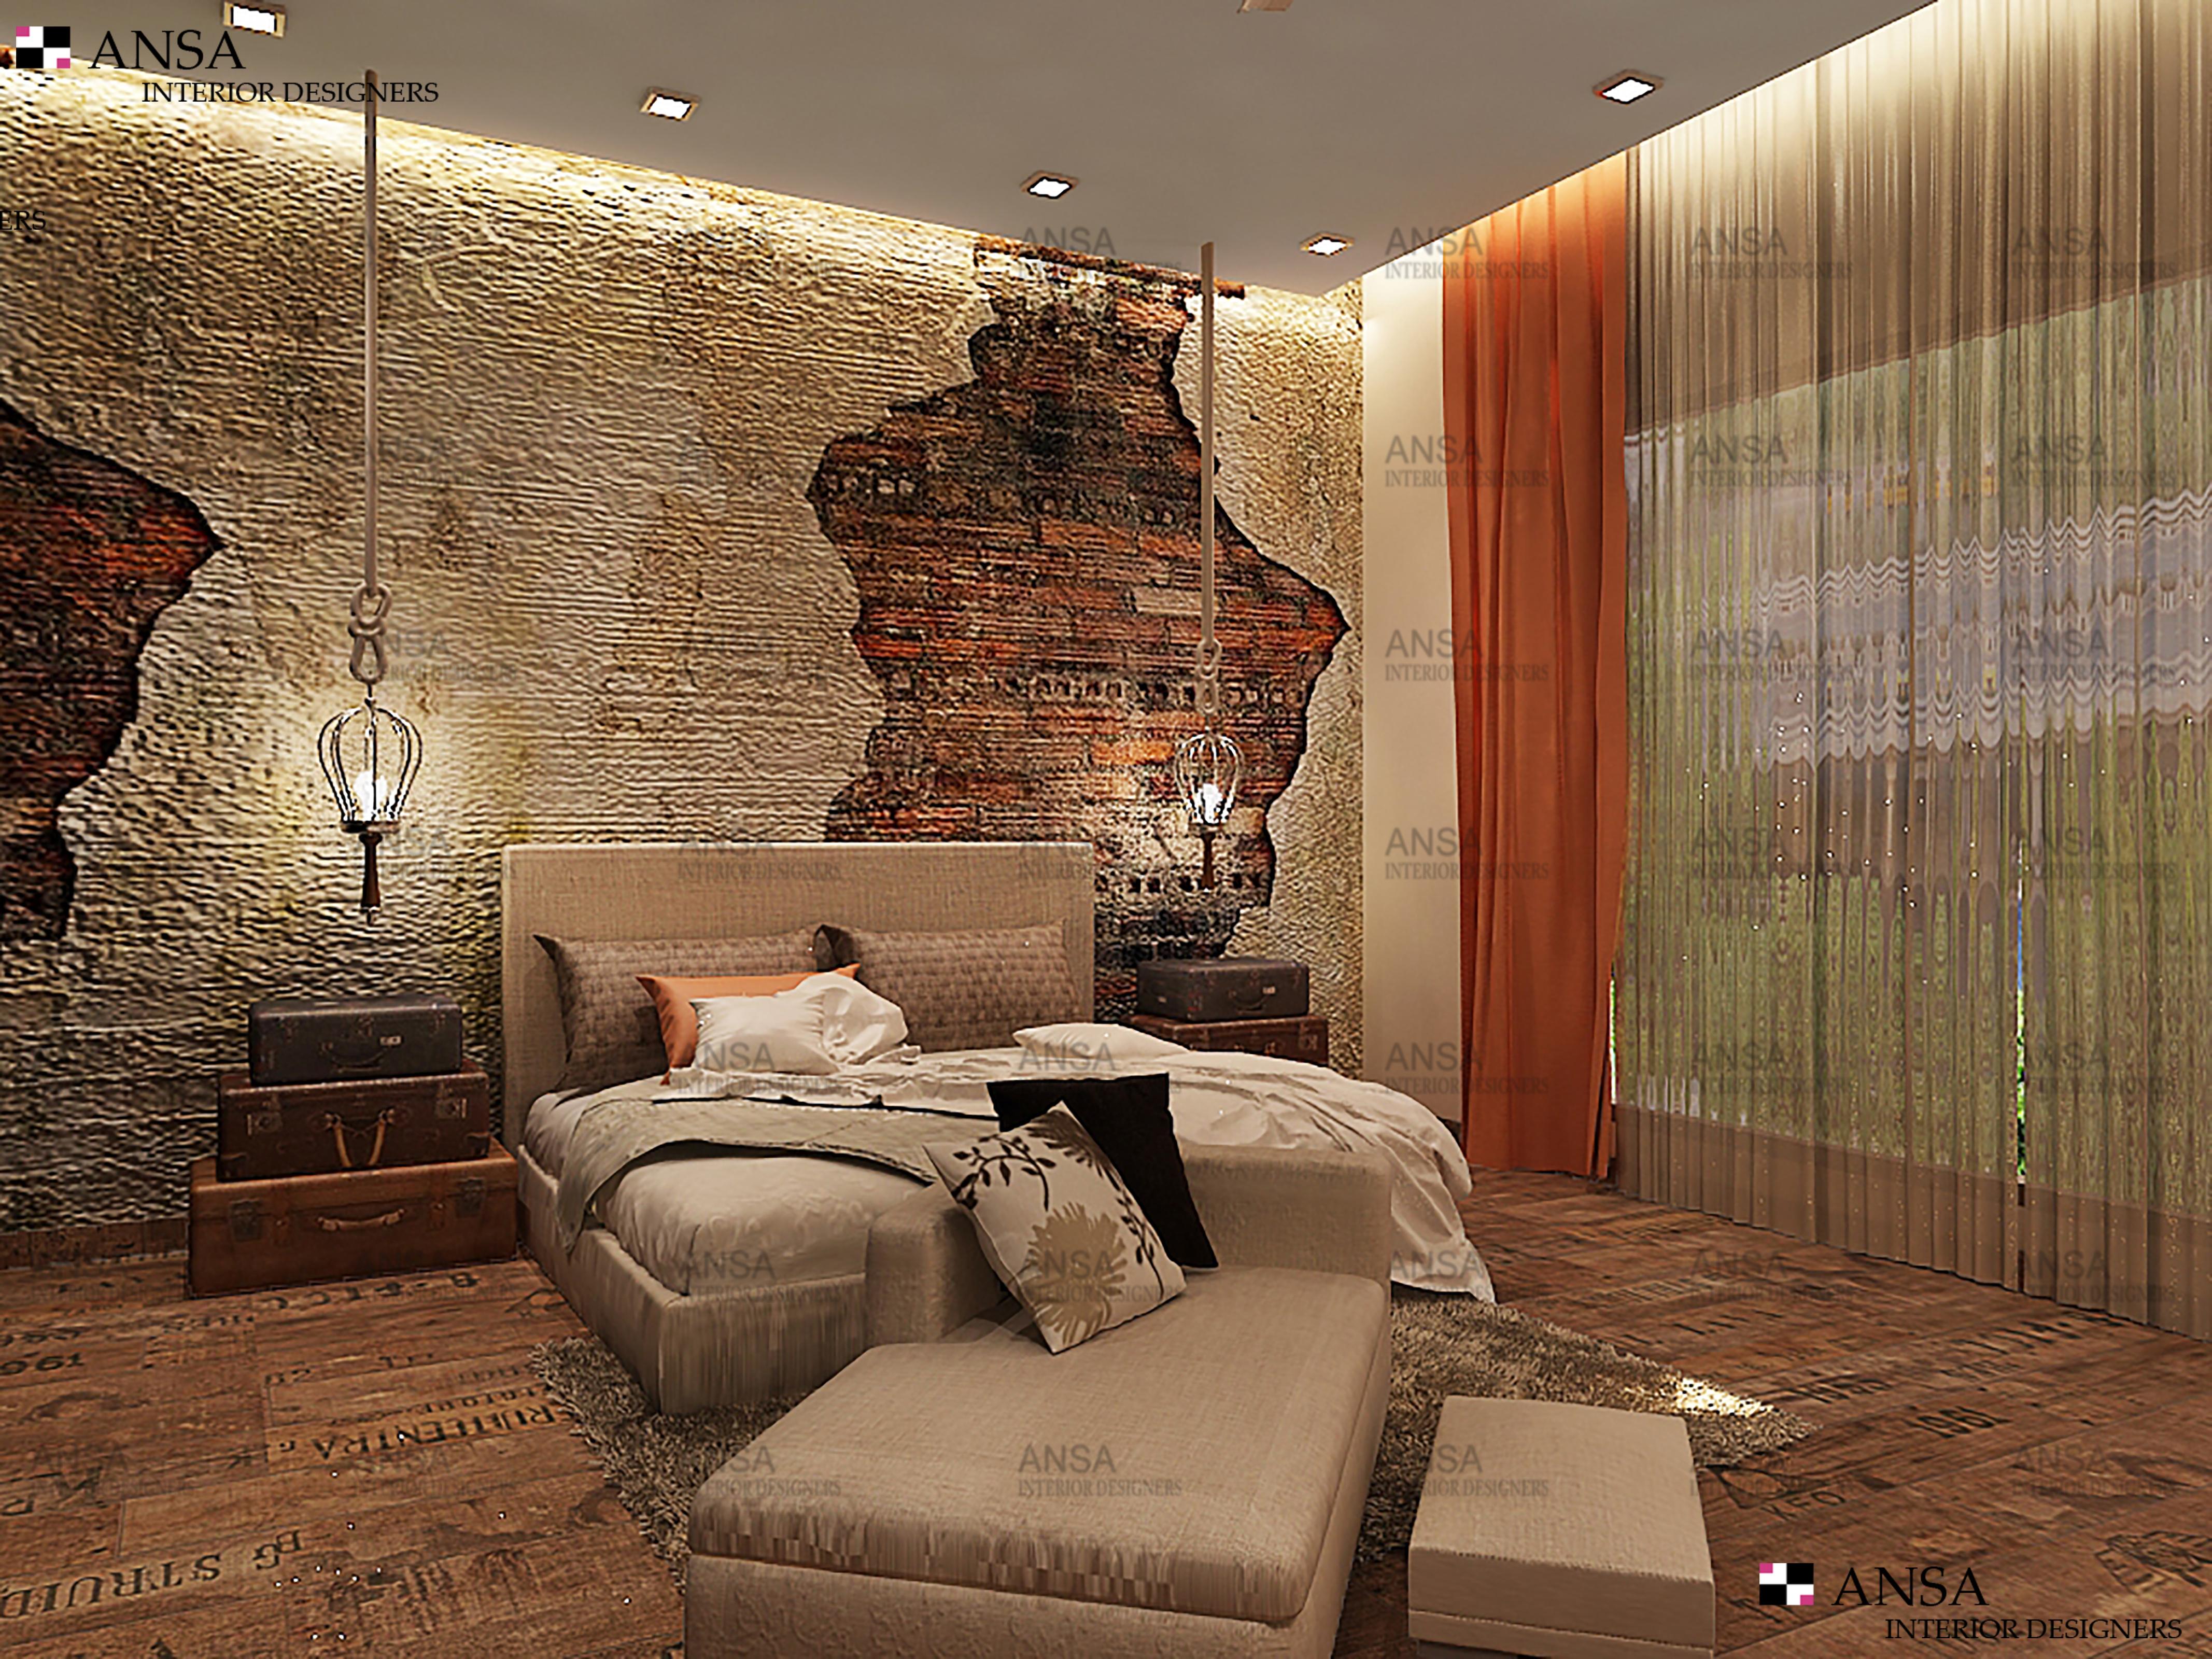 Rustic interior design for Rustic home interior design ideas